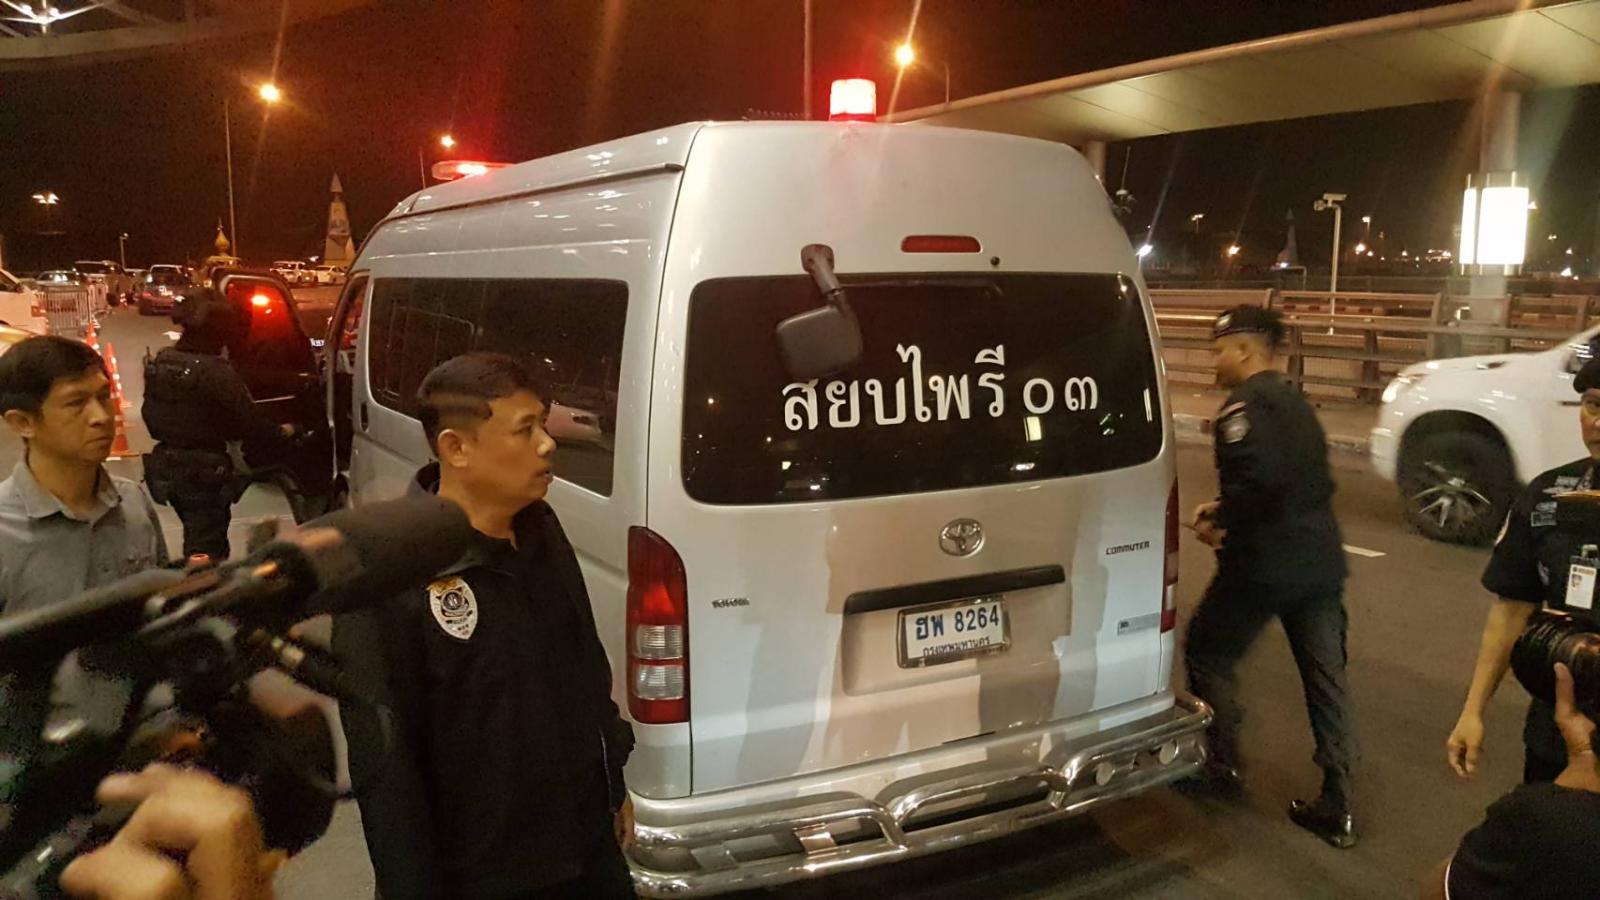 ปส.บุกรวบ 2 ผู้ต้องหาเครือข่ายไอซ์ข้ามชาติ 'ไซซะนะ' ก่อนหนีออกไทย